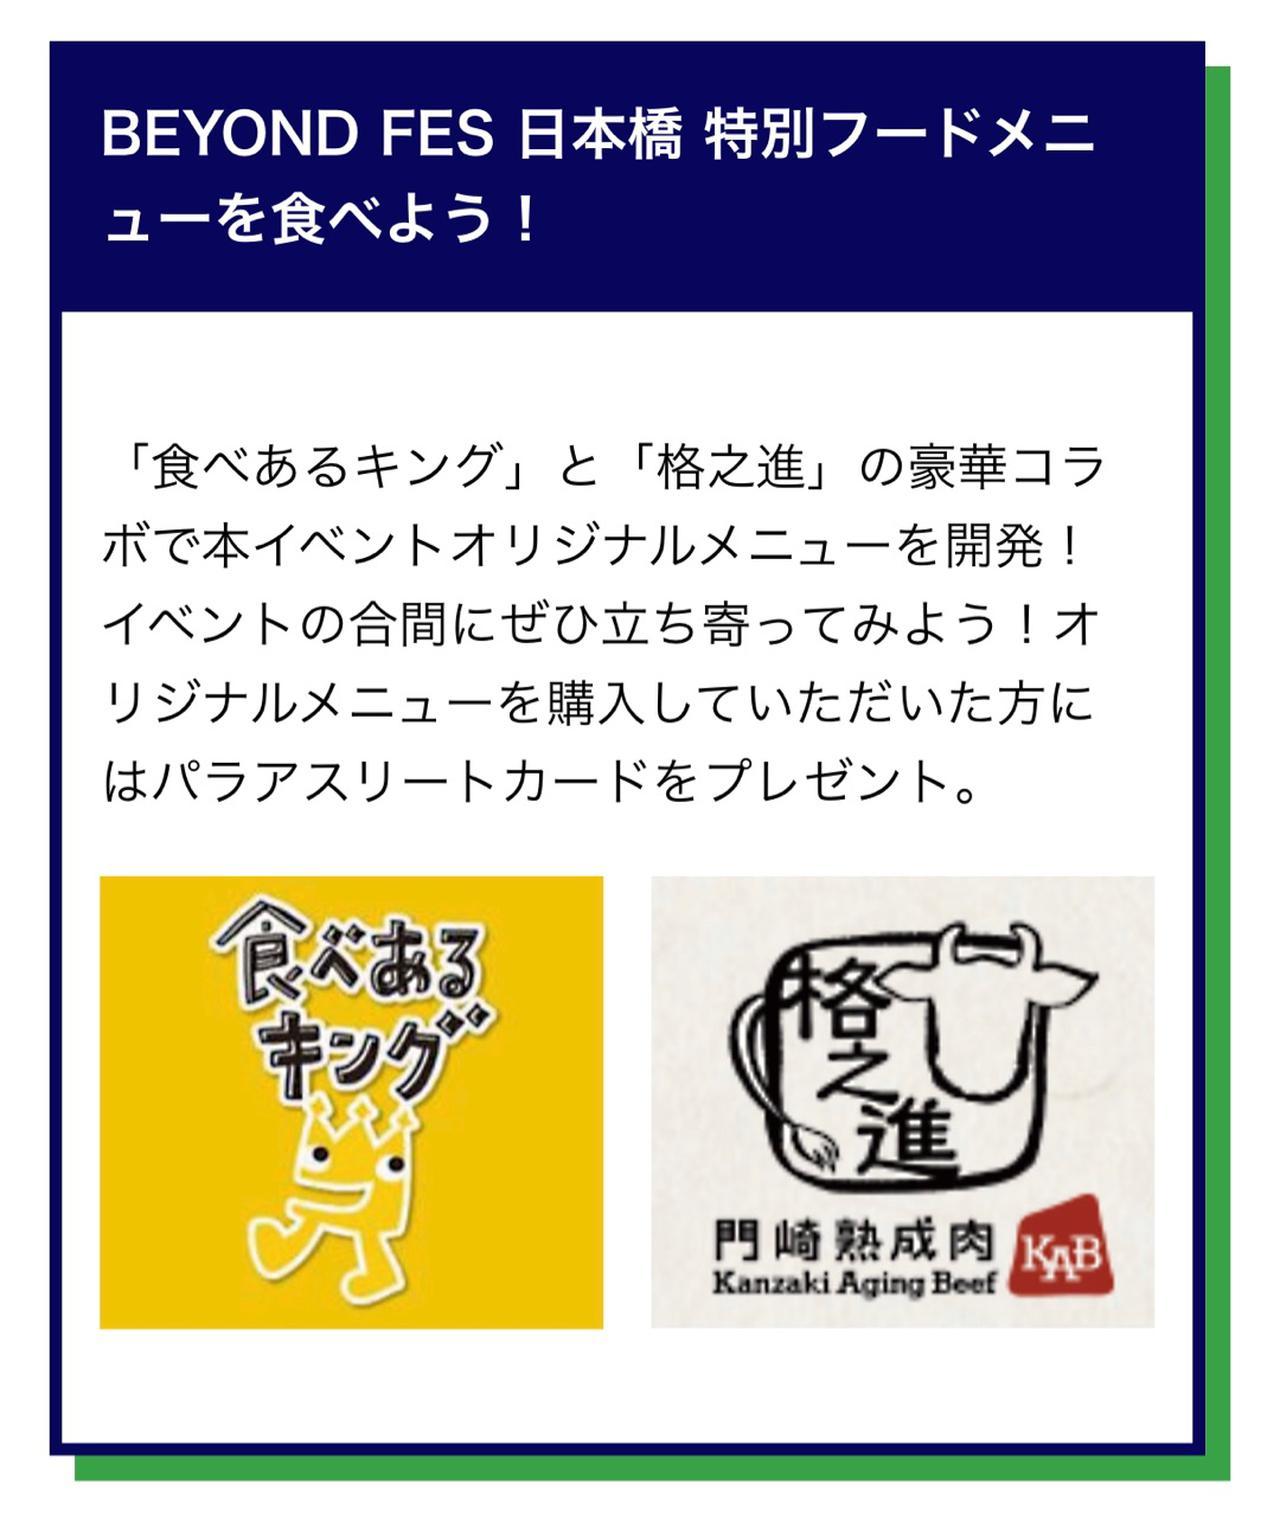 画像: スイーツ番長『パラスポーツのドラマを感じる BEYOND FES 日本橋 開催!』